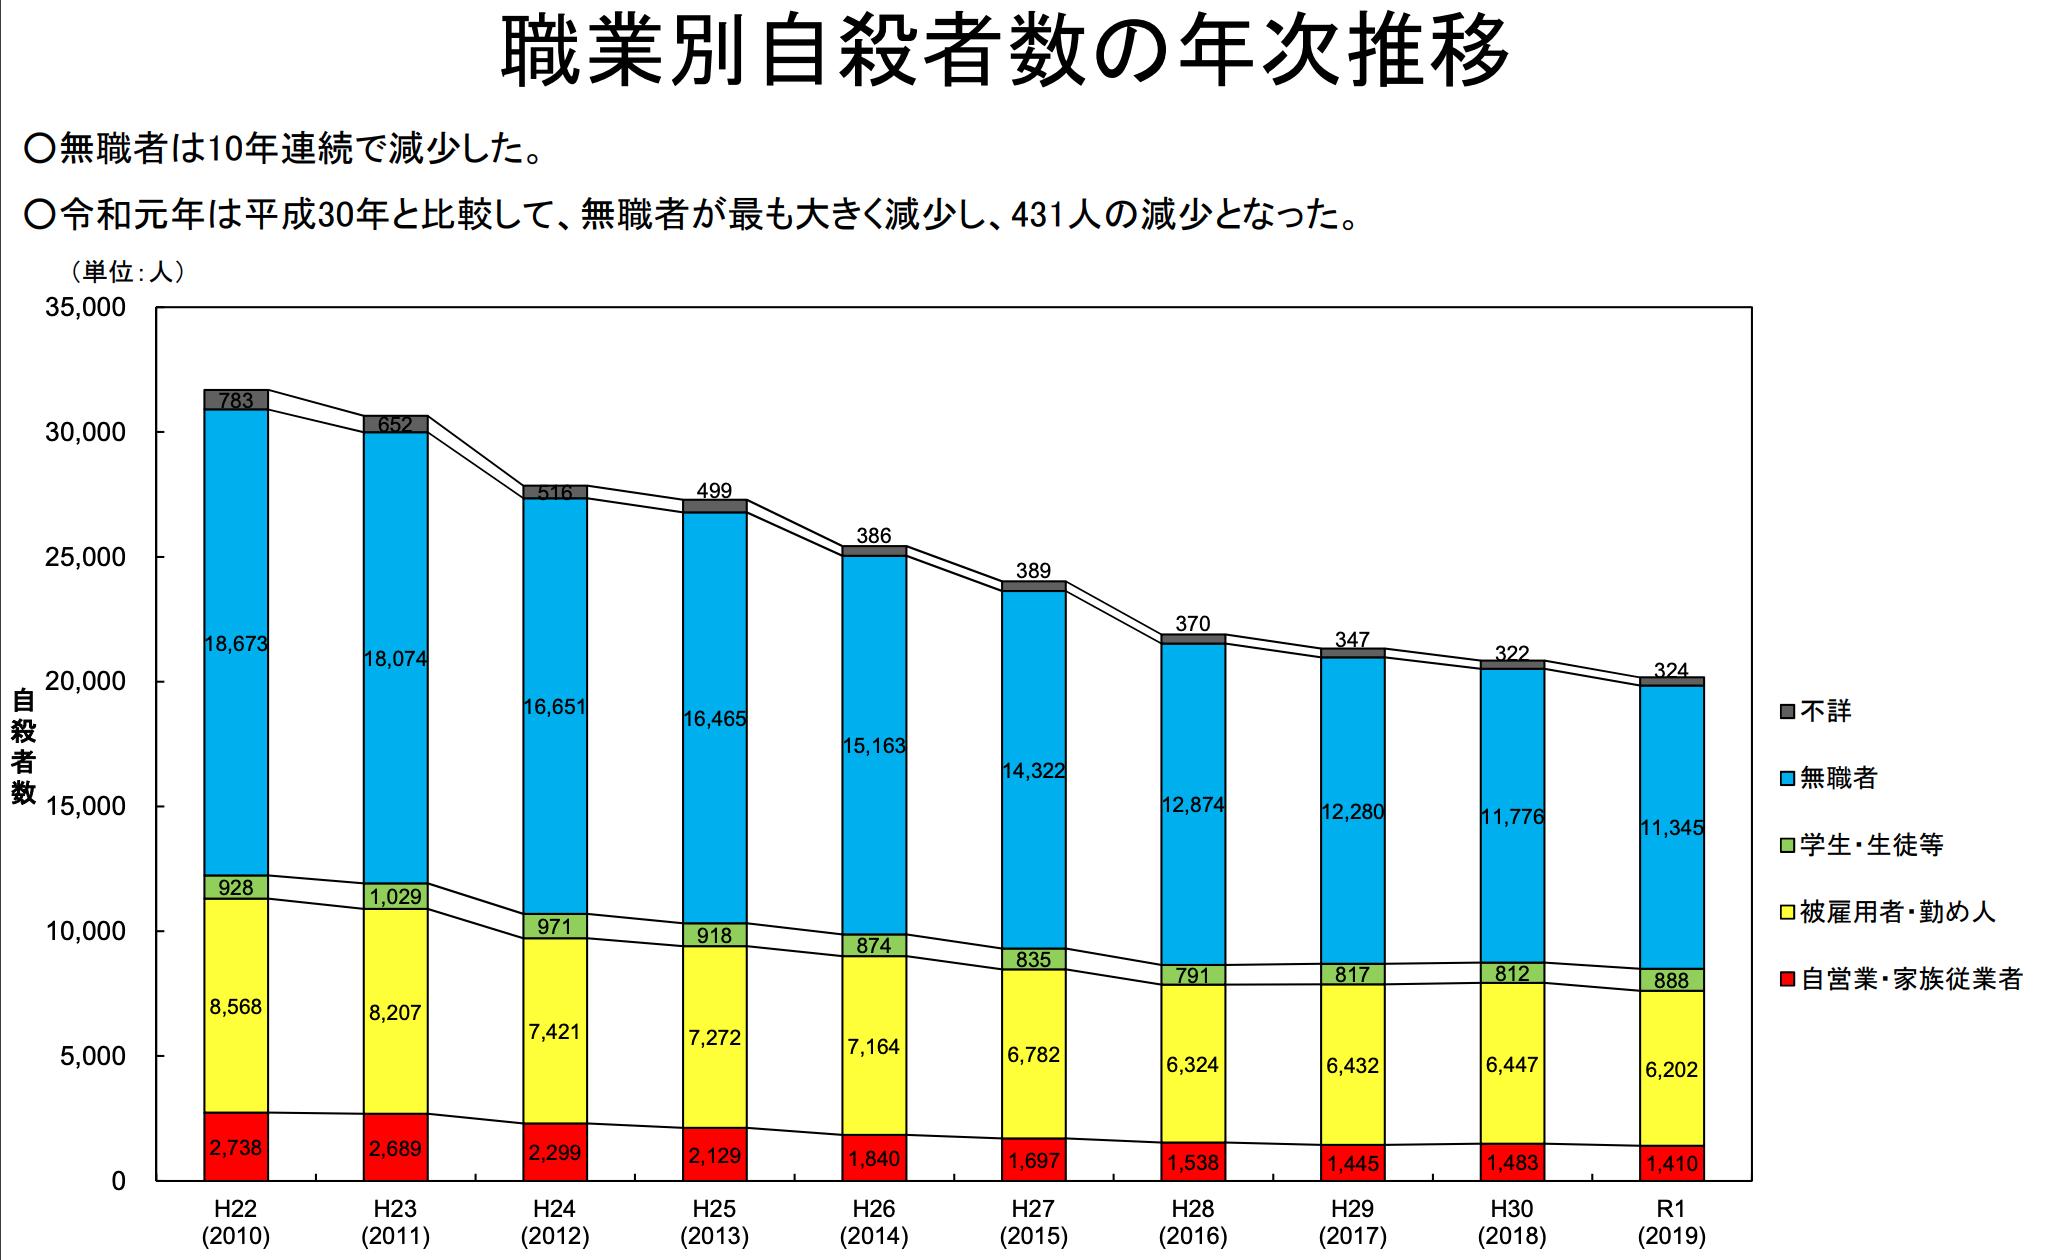 【日本】4月の自殺者数は大幅減少で過去5年で最少。自宅生活が奏功か。厚生労働省発表 4